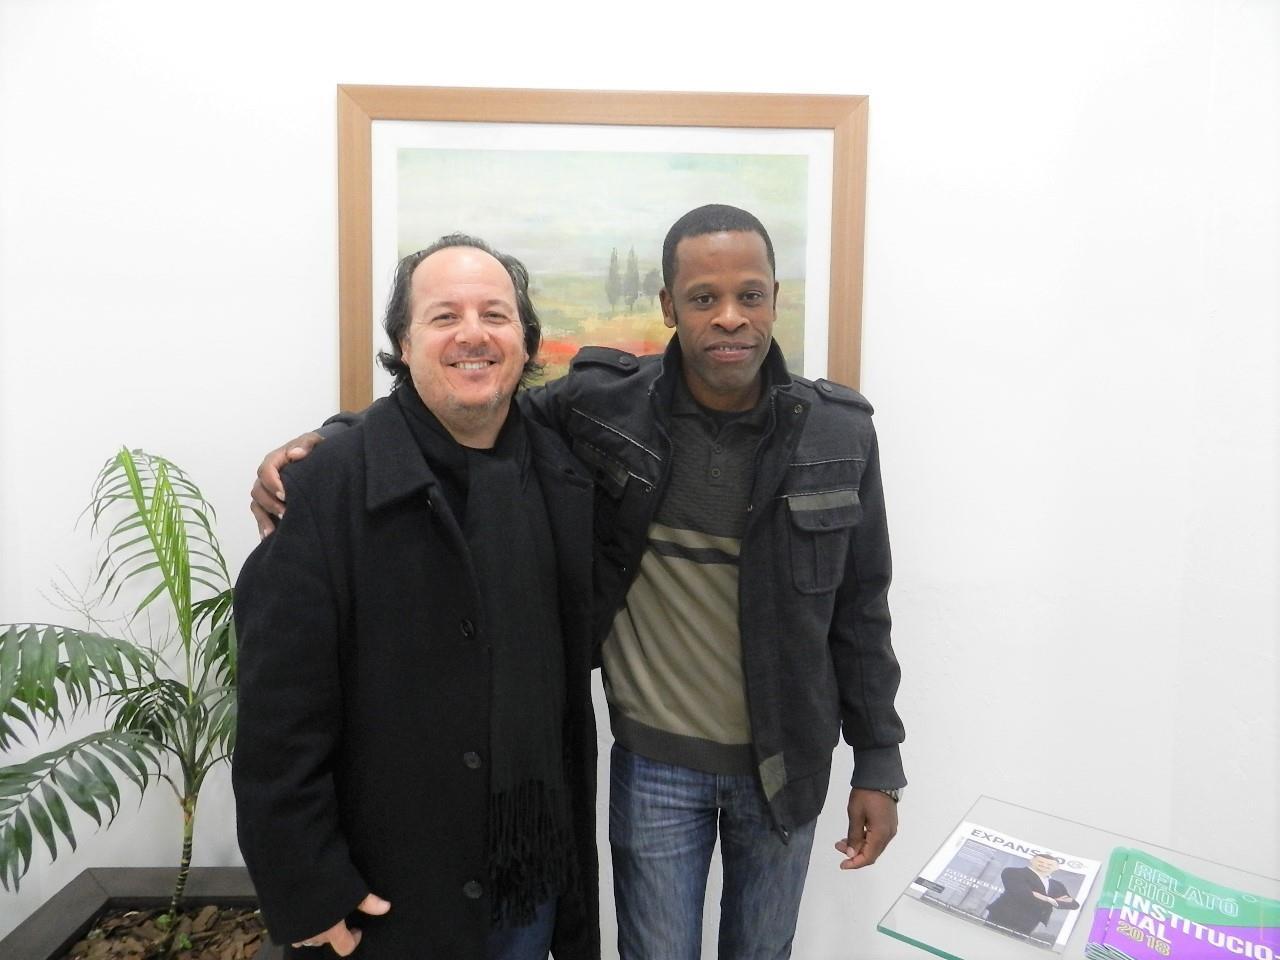 Bate-papo com aluno haitiano revela percurso até chegar à IENH